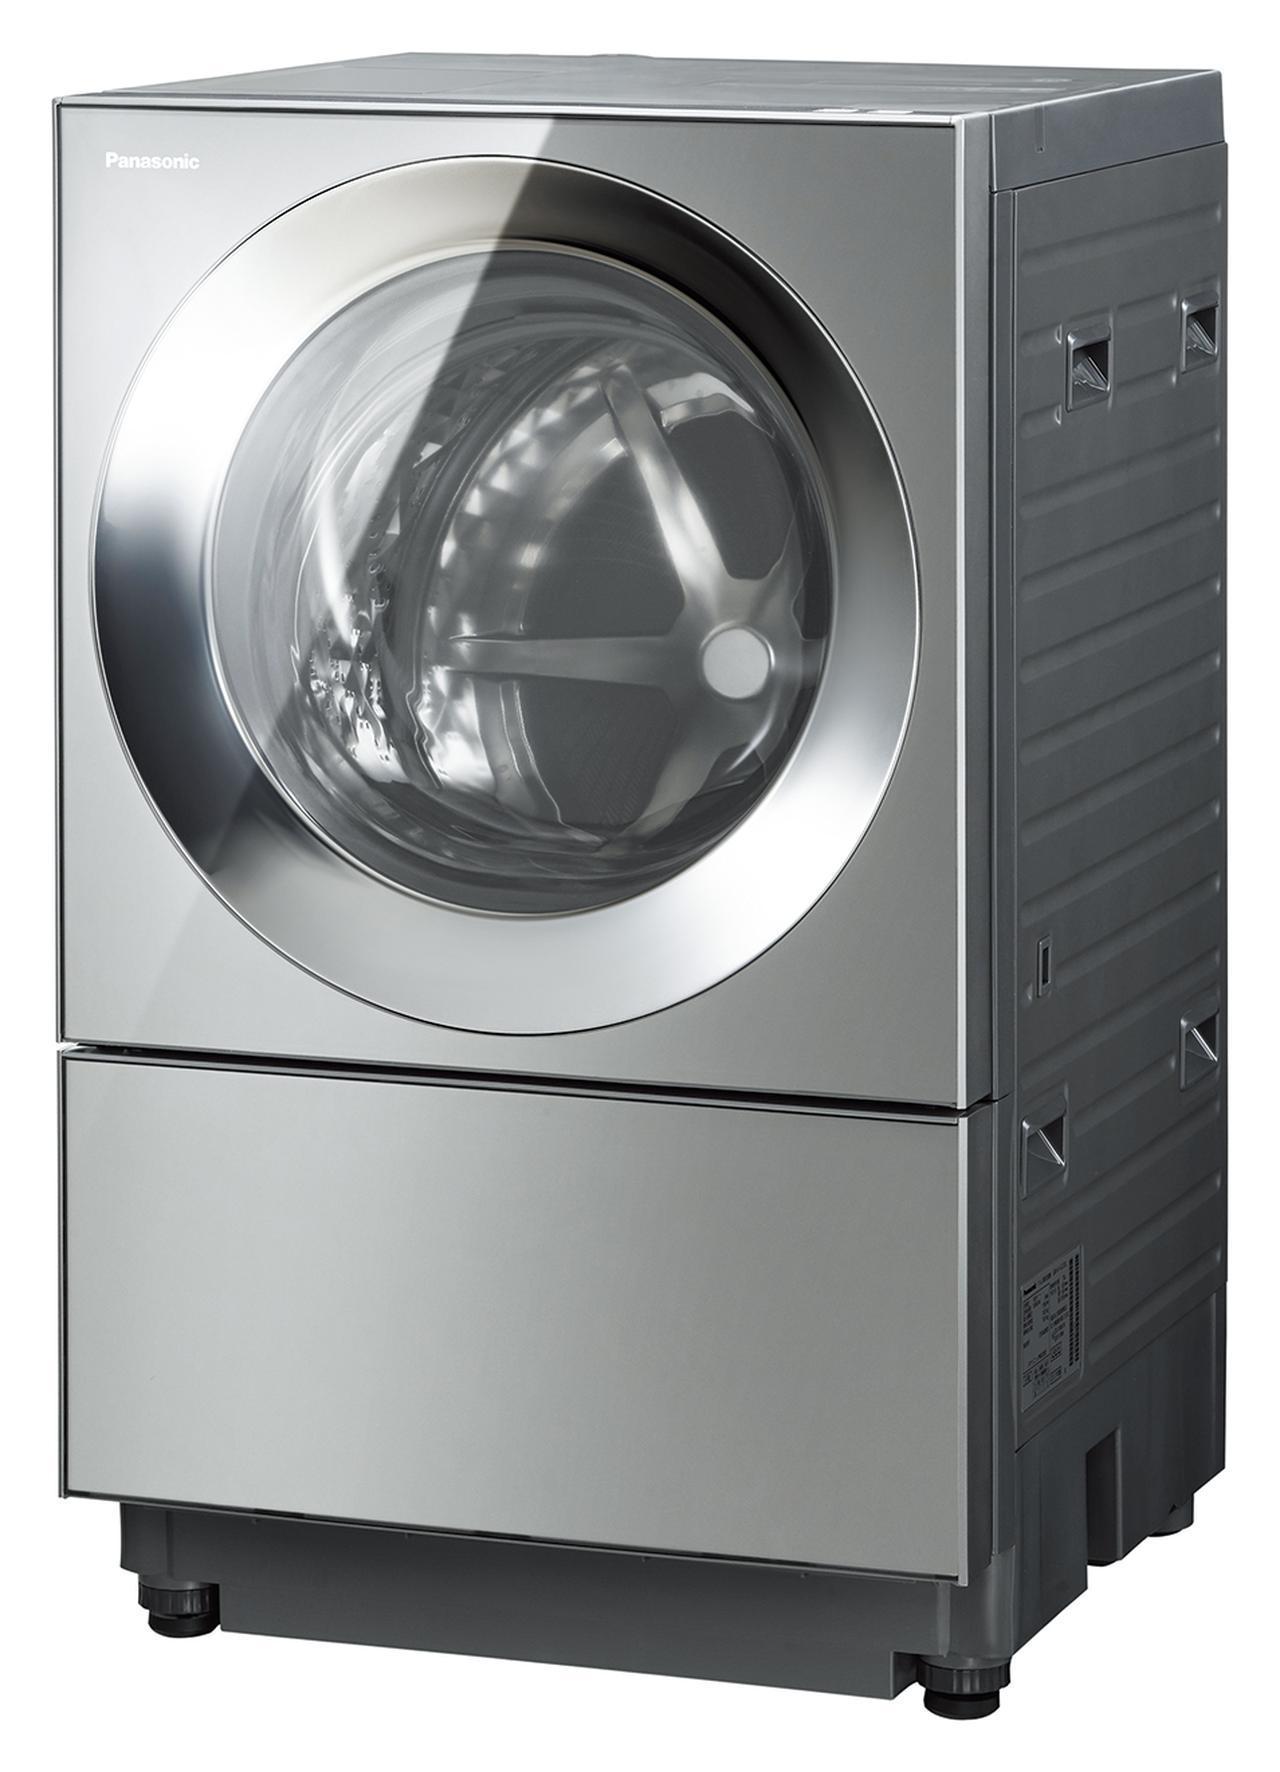 画像2: 今、洗濯乾燥機はスクエアデザインにシフト。泡洗浄や温水洗浄もトレンド